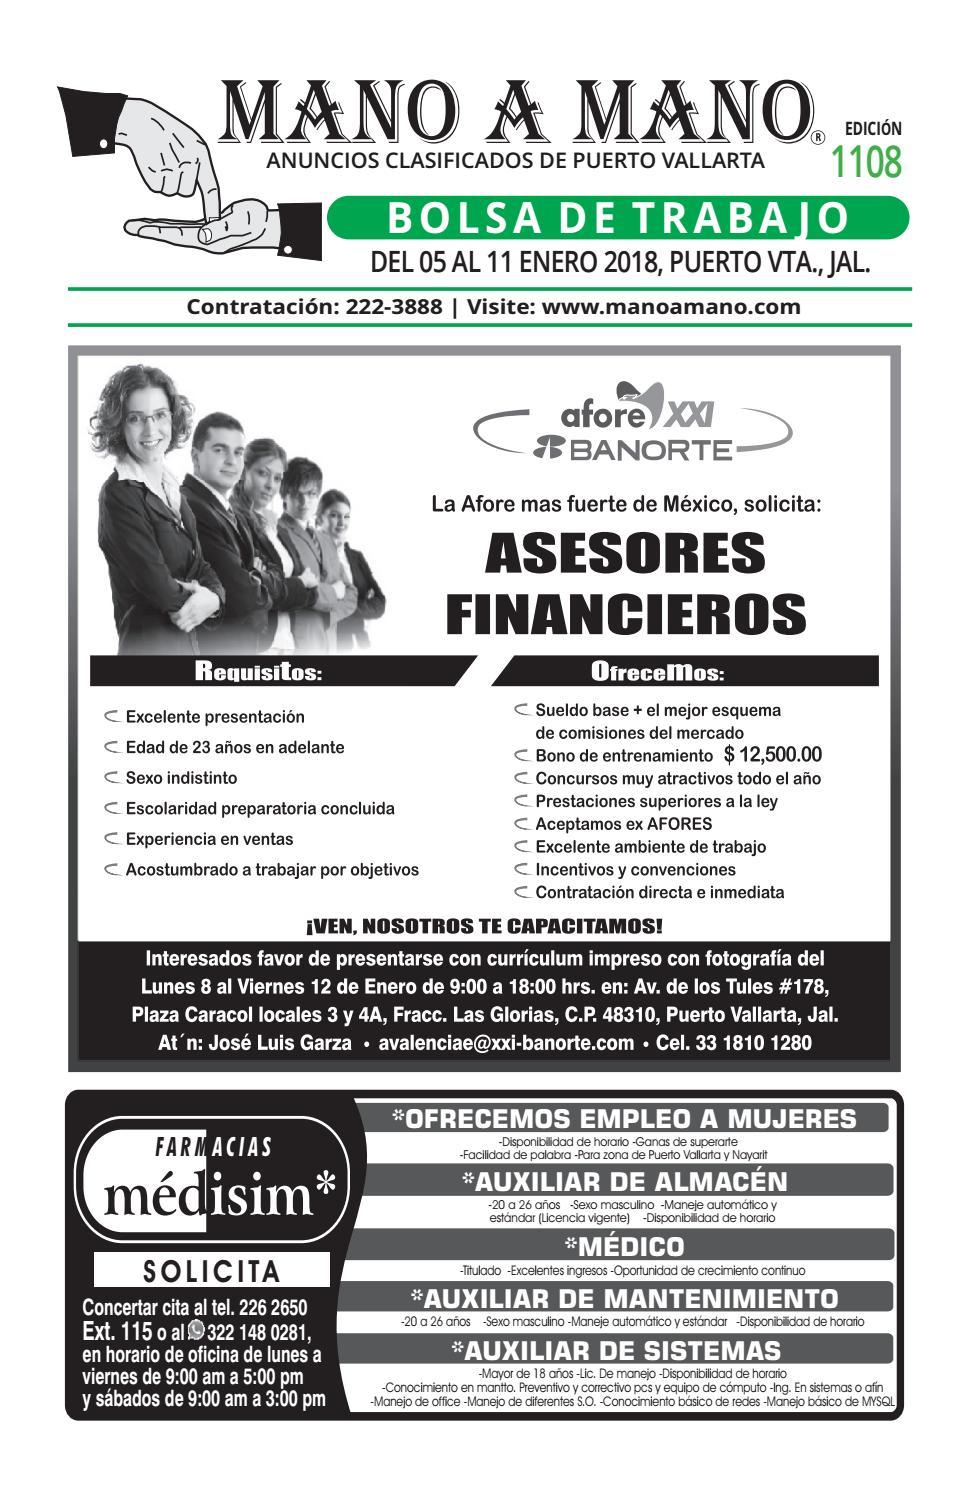 Bolsa trabajo 1108 by MANO A MANO - issuu